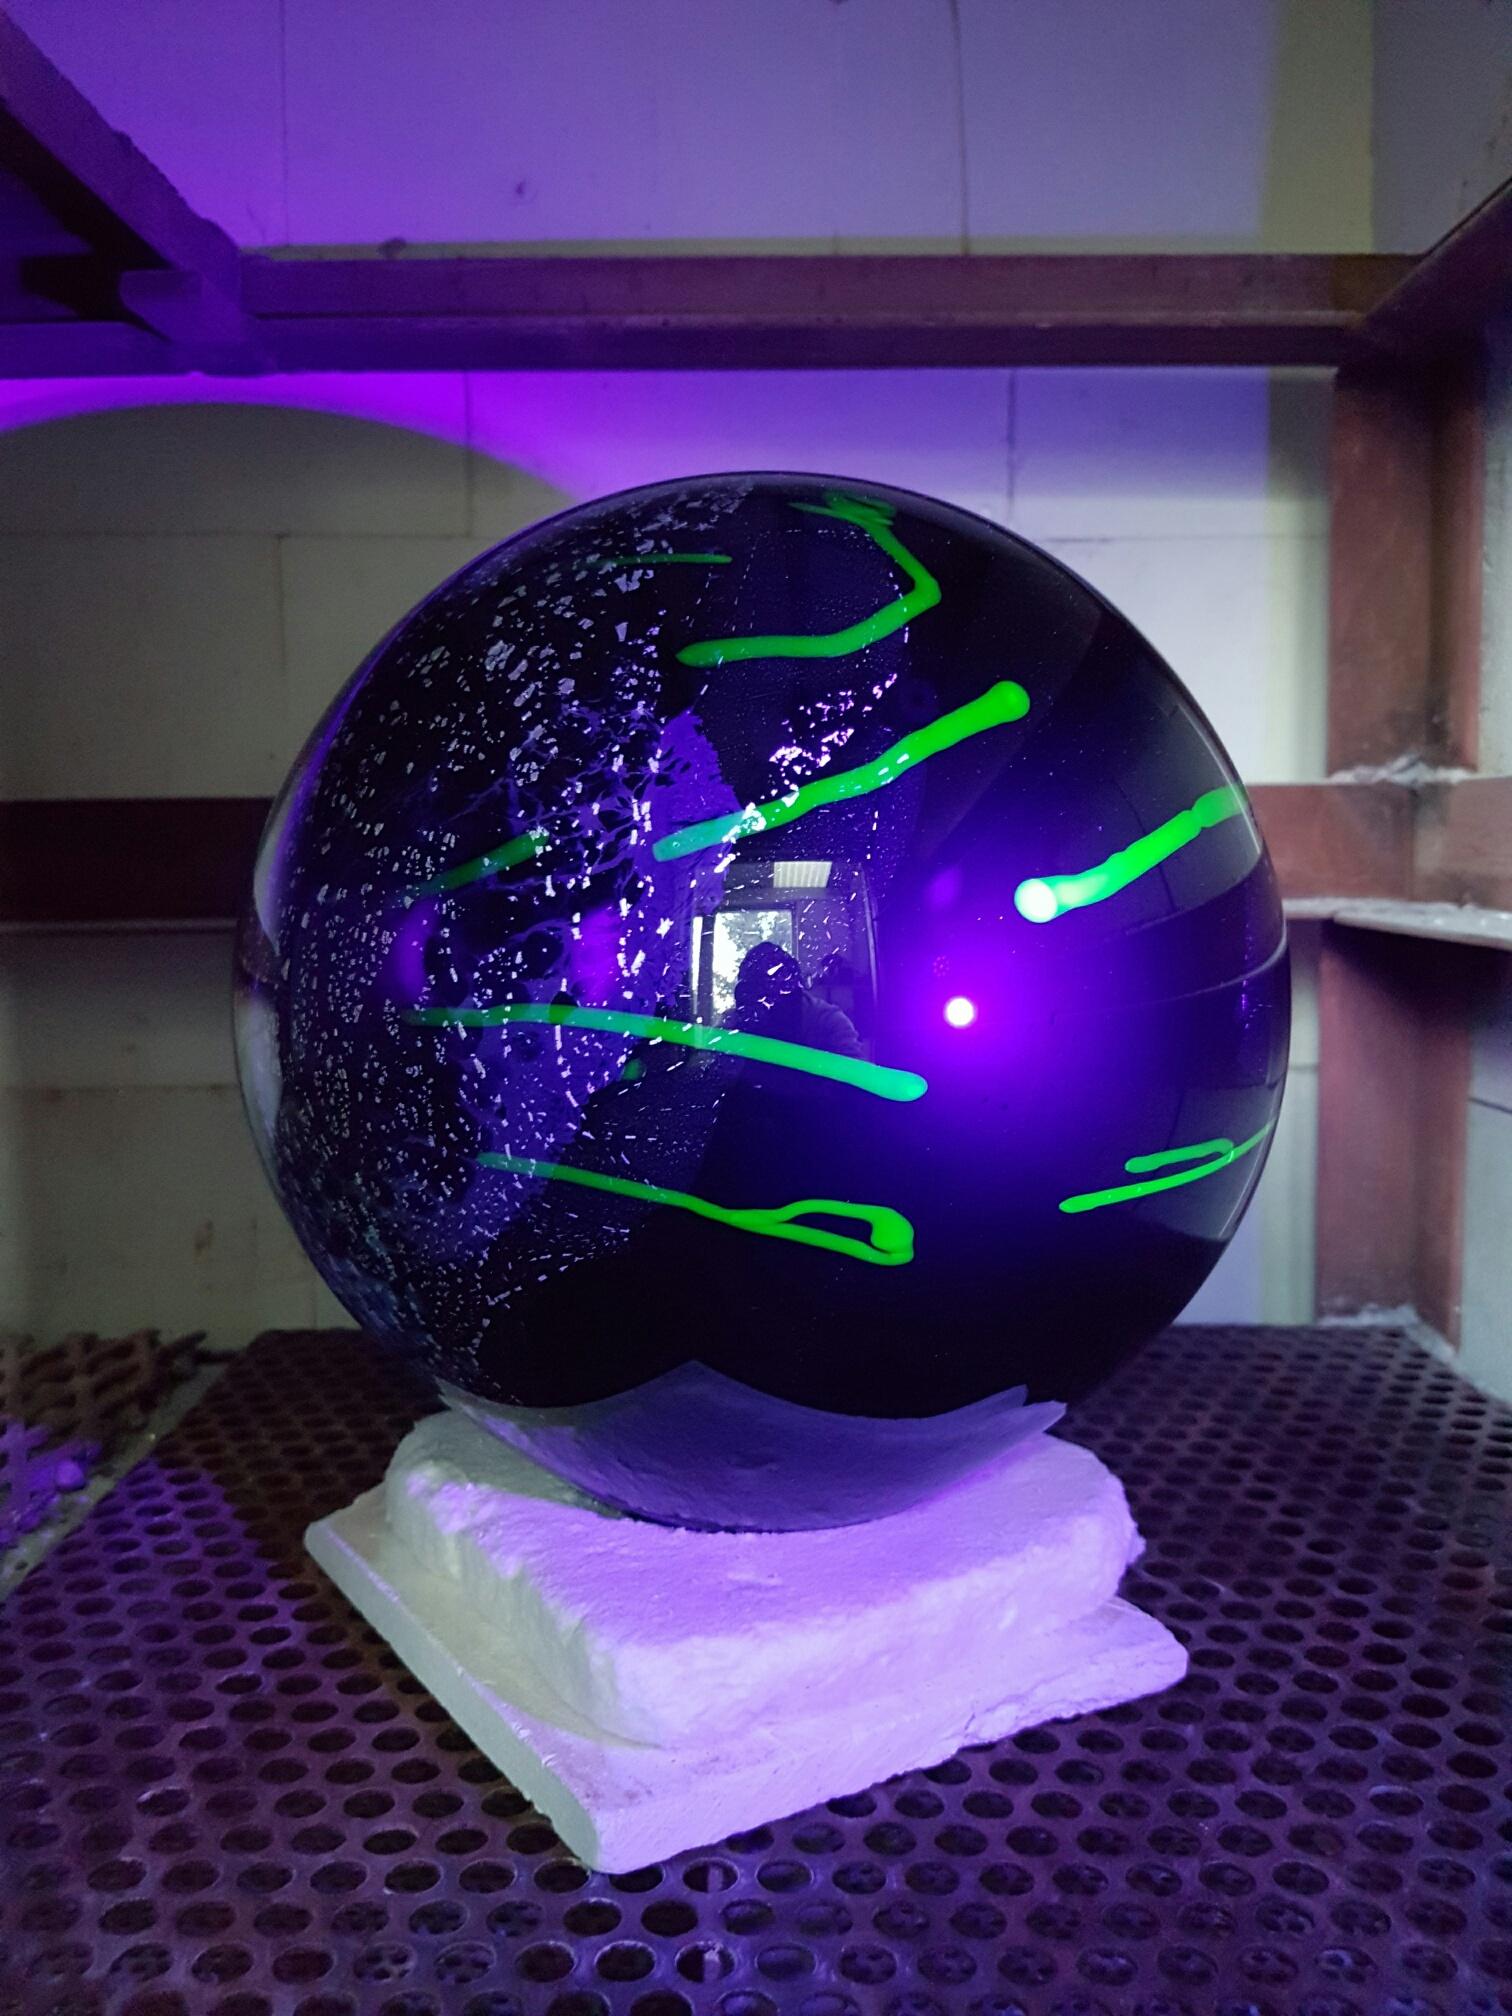 35_Gillian McFarland, Uv lit Space Globe in kiln, including Uranium Glass.jpg